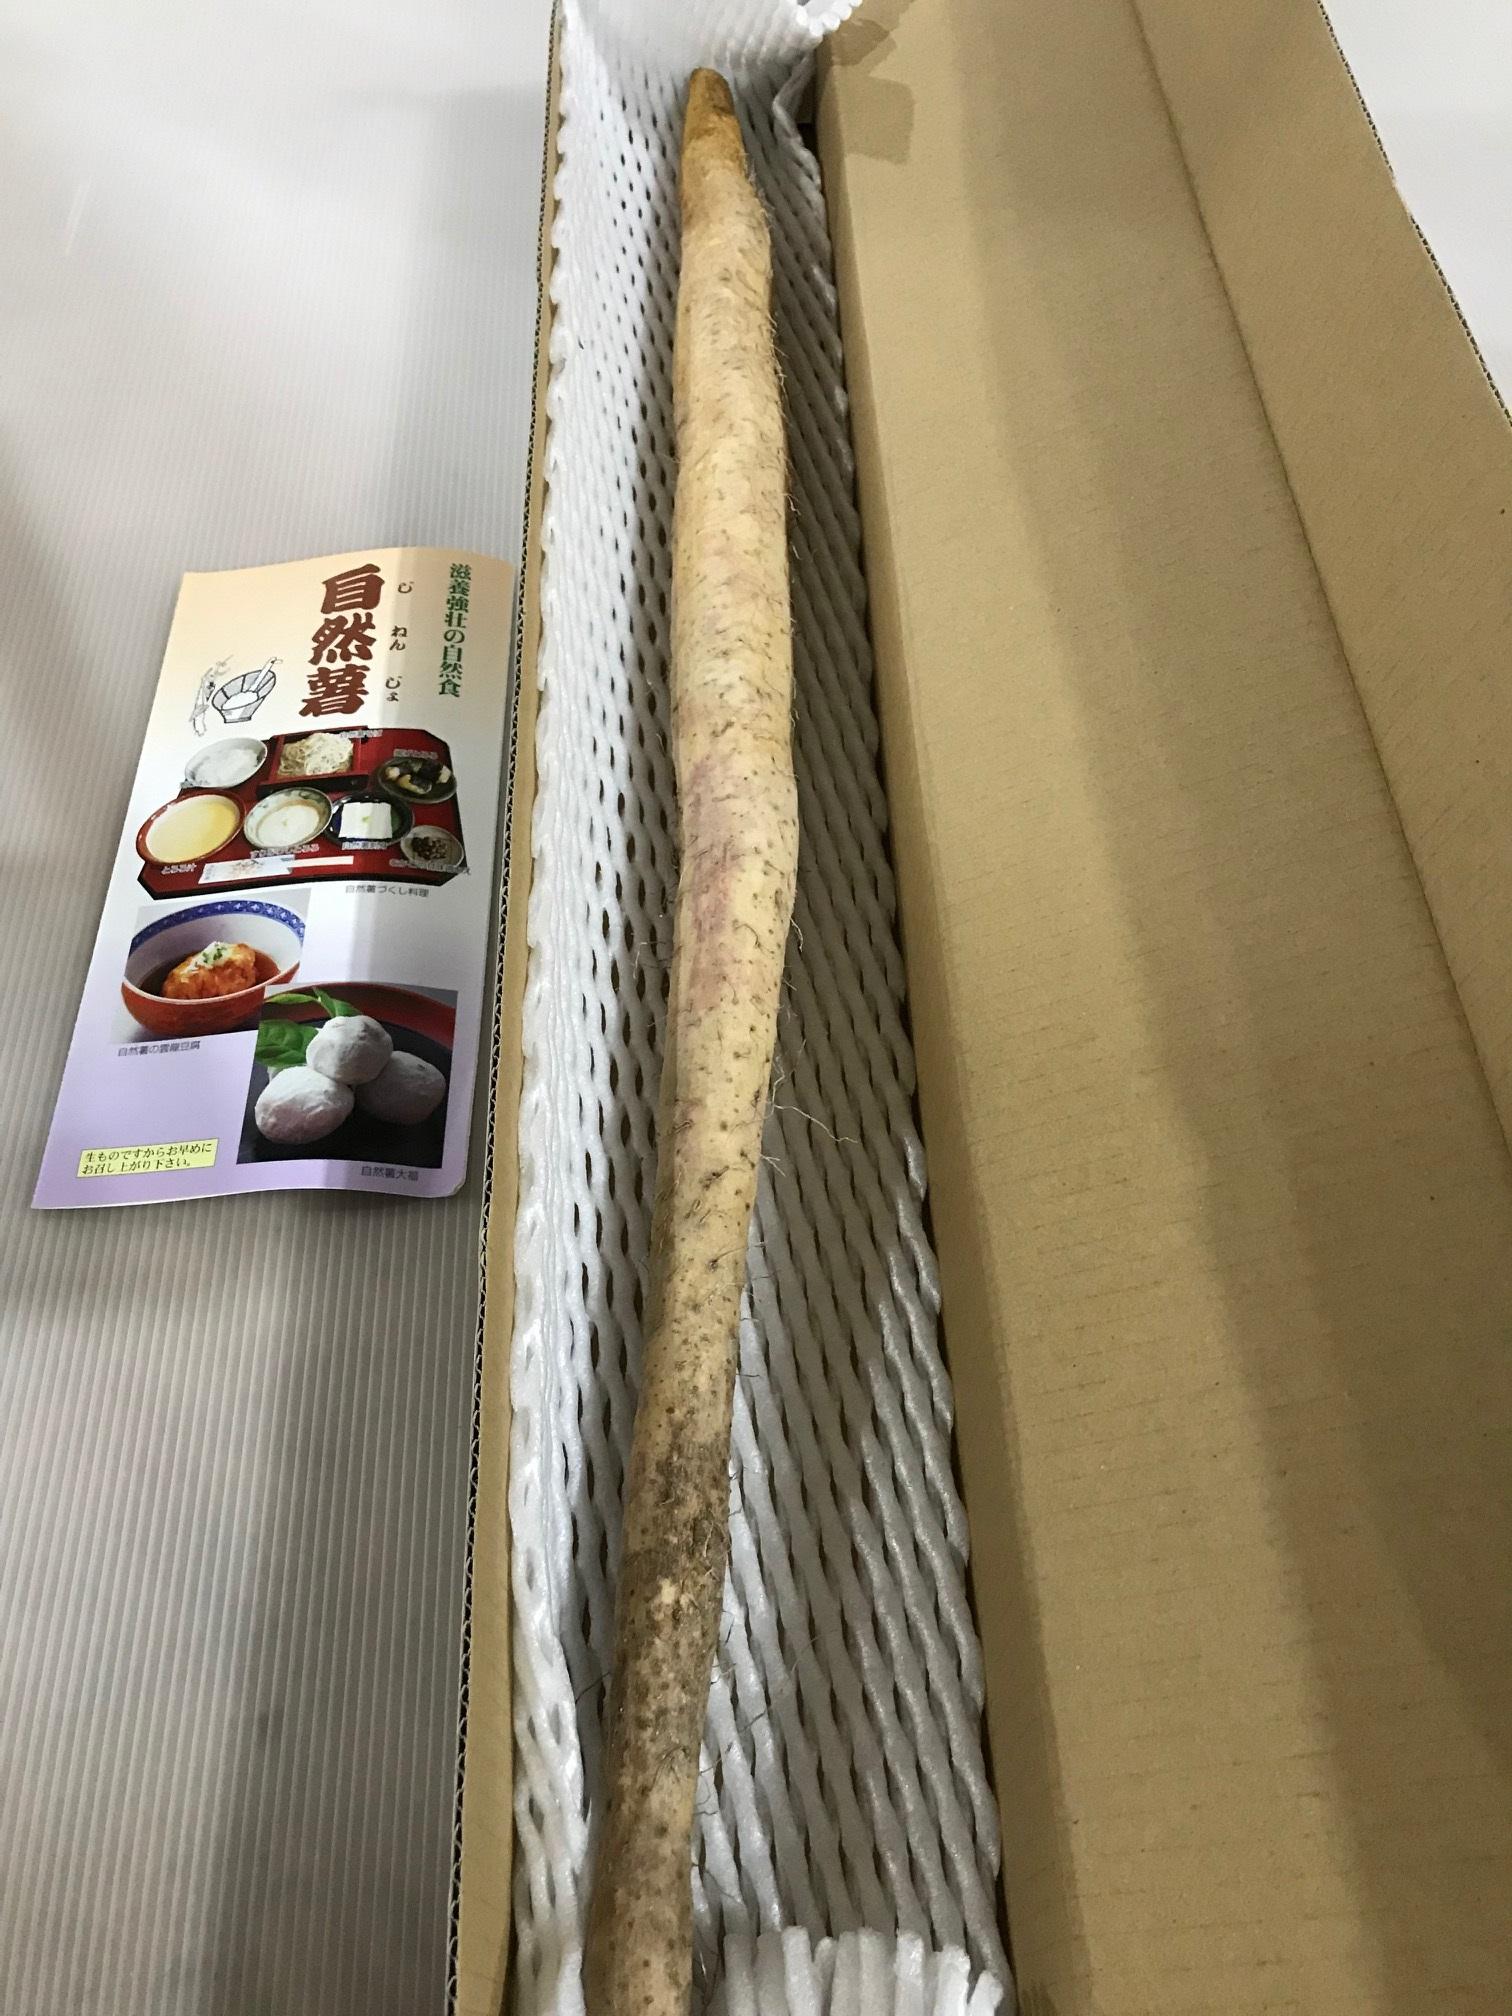 日本伝統の自然健康食品「自然薯(じねんじょ)」~500g以上無地箱入 福島県二本松市産~